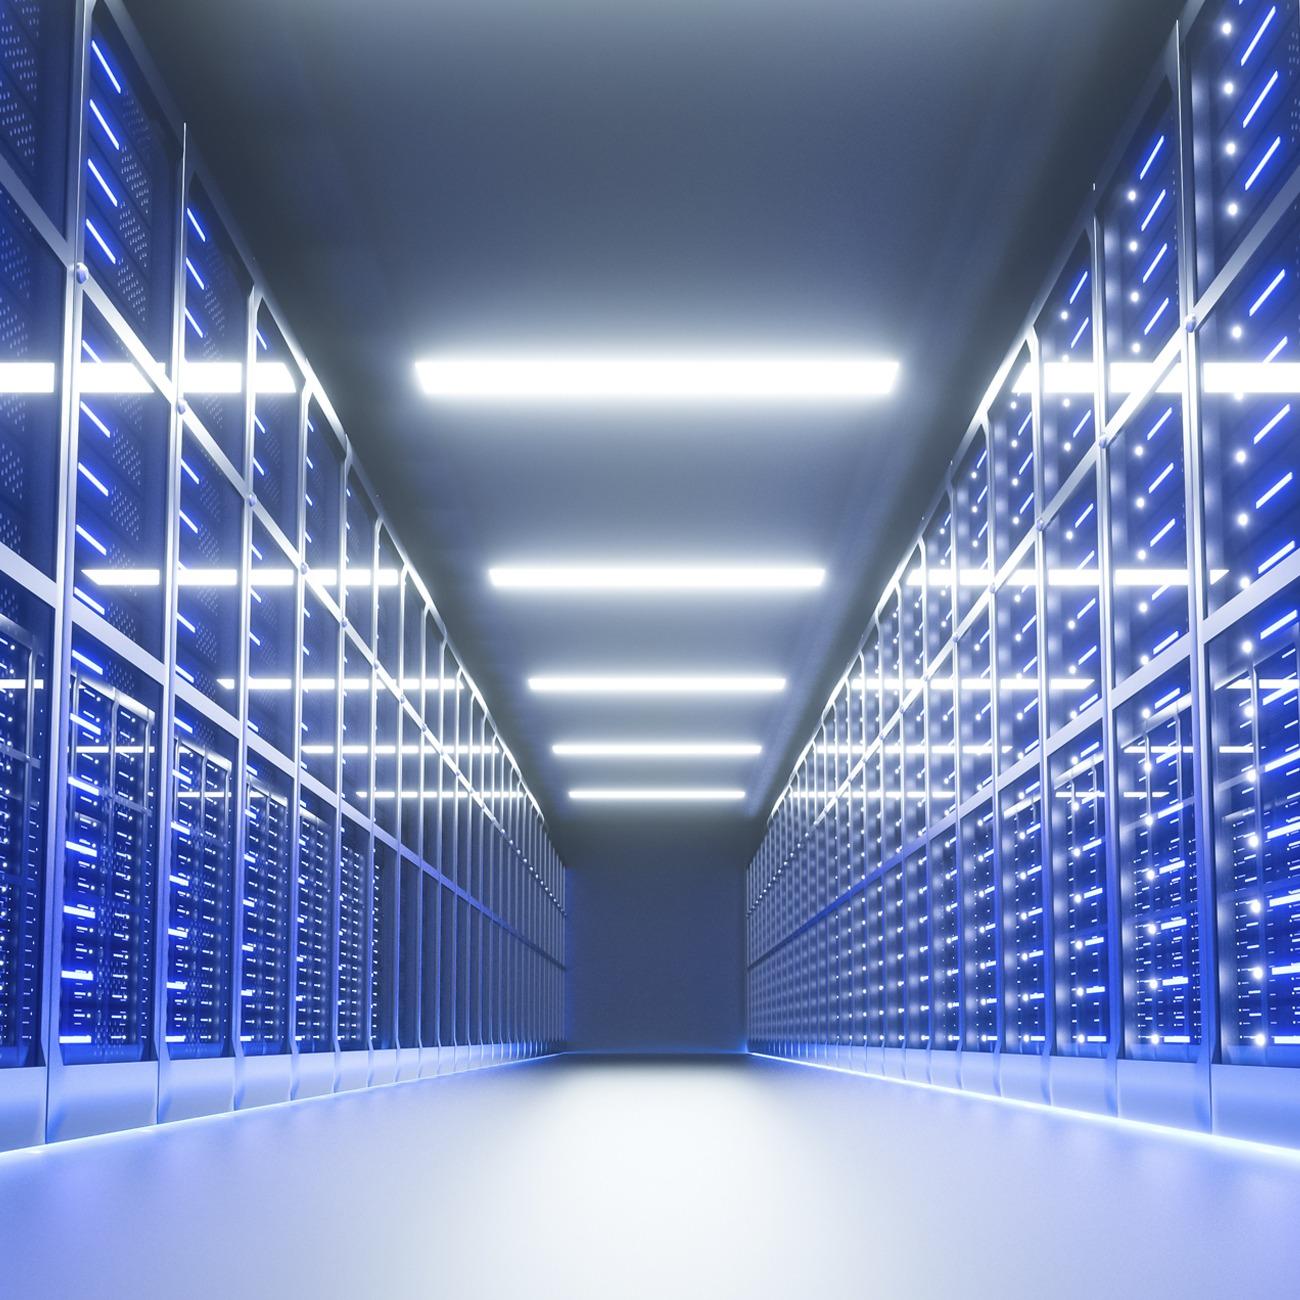 allotjament web hosting andorra